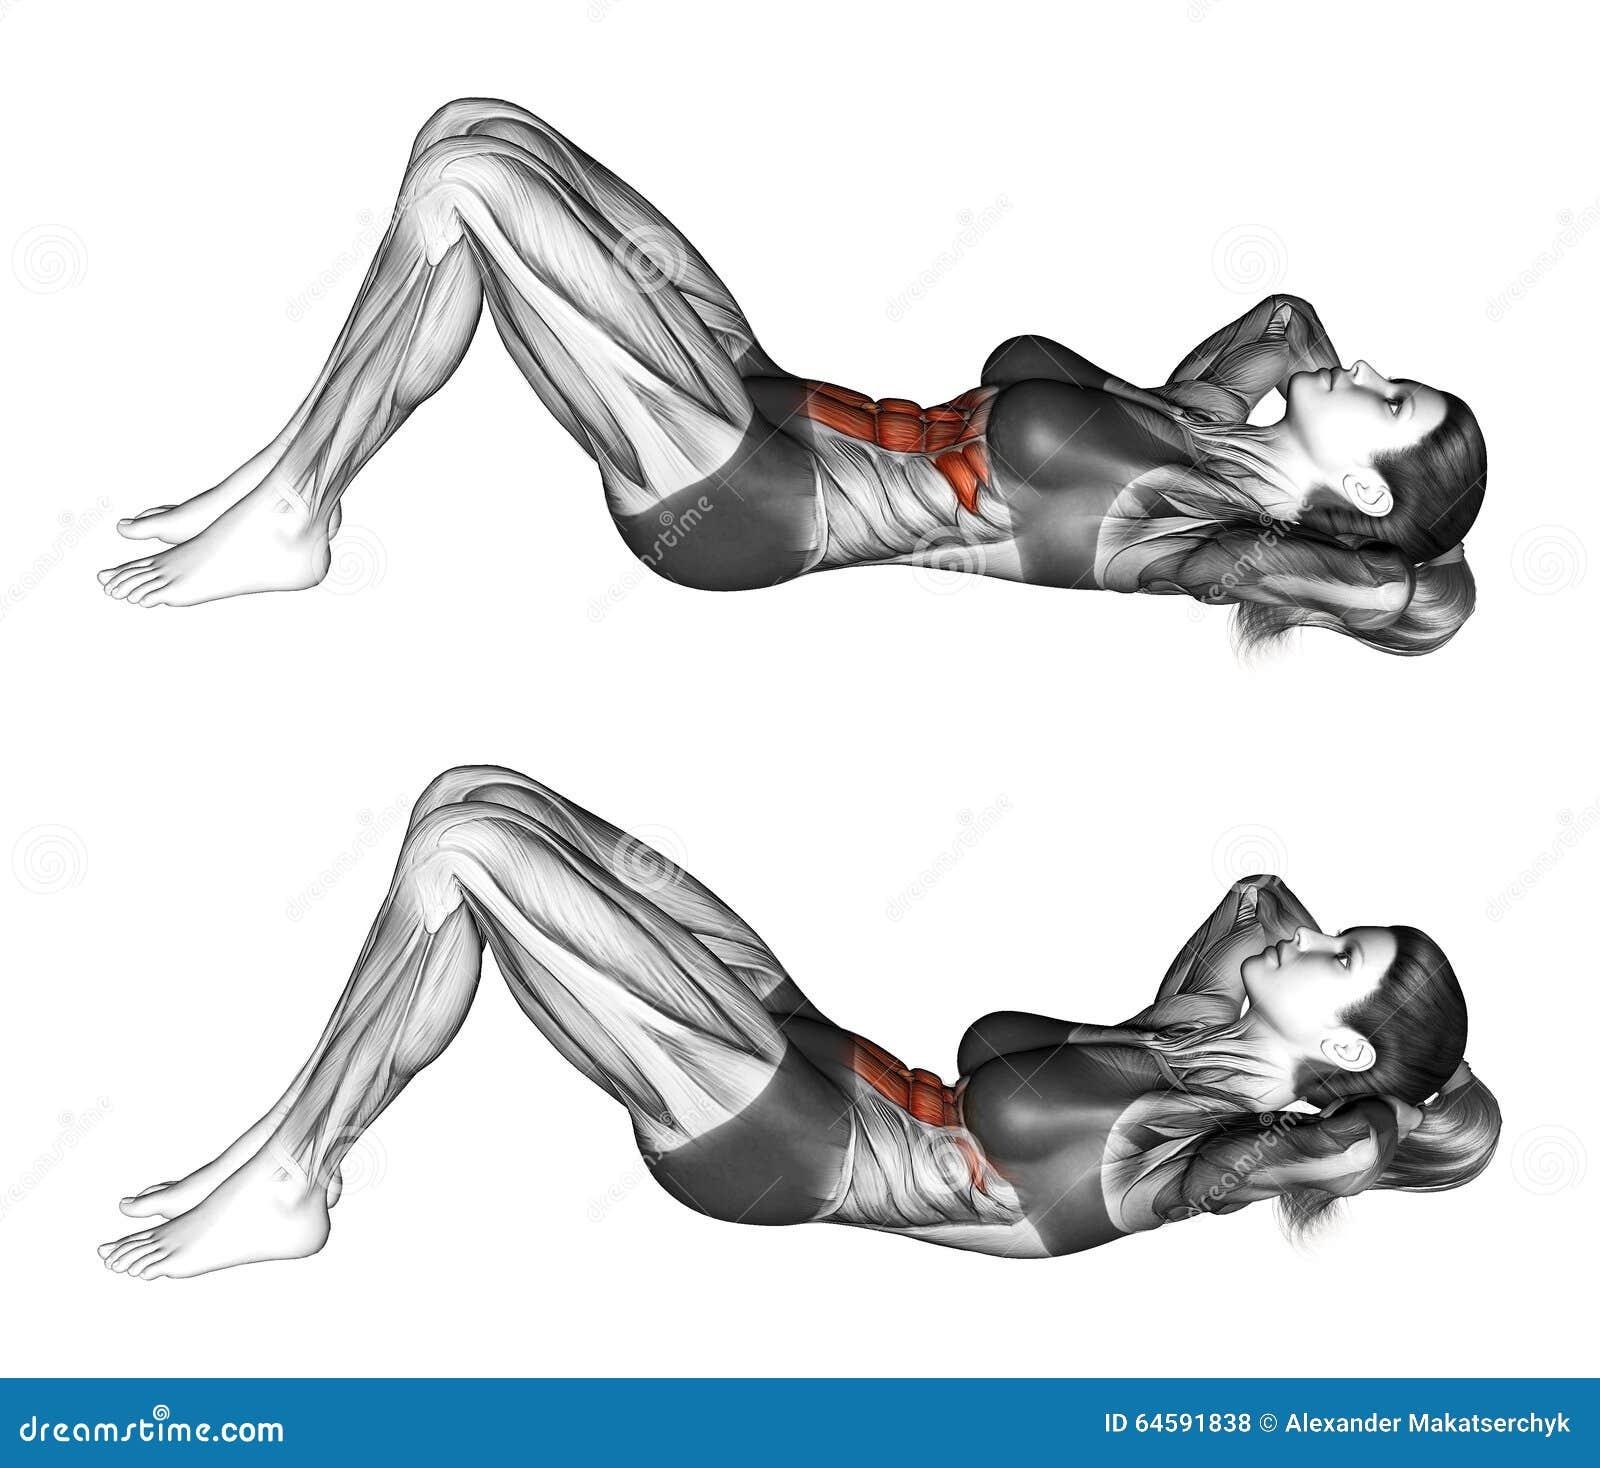 Sprawności fizycznej ćwiczyć Flexion bagażnik z wzrostem pelvis lying on the beach na podłoga femaleness